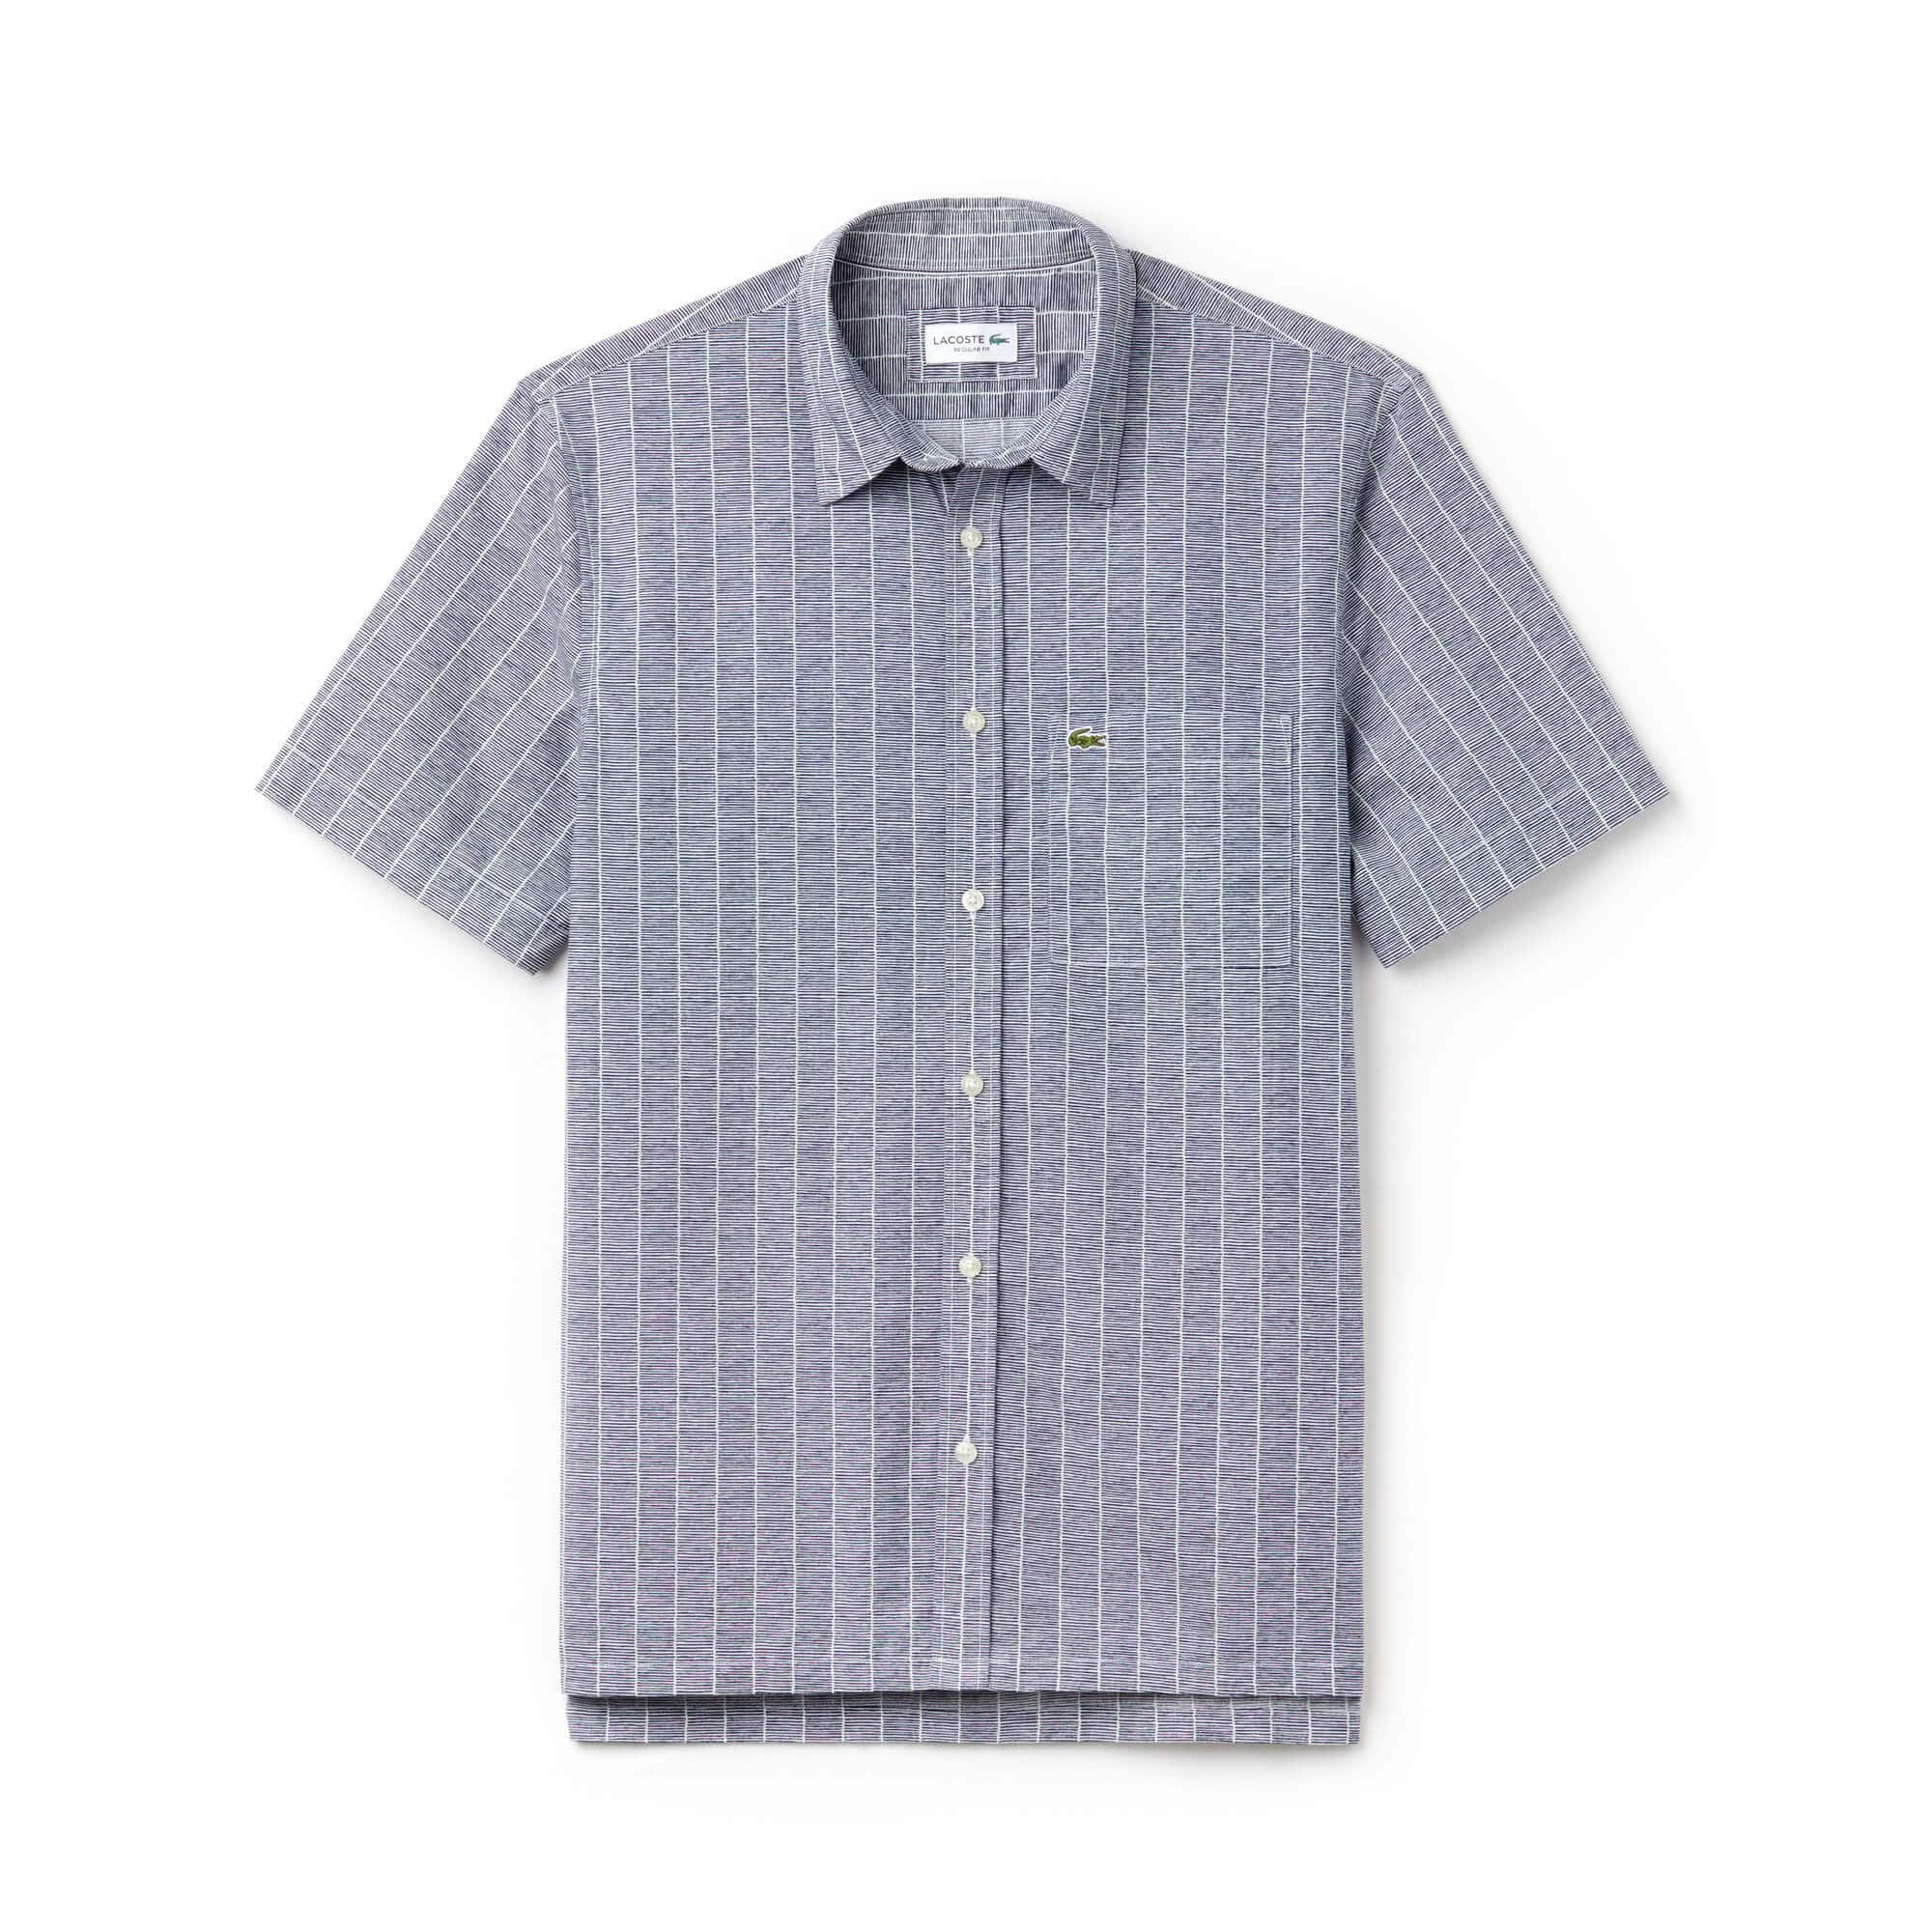 Men's Relaxed Fit Print Poplin Shirt